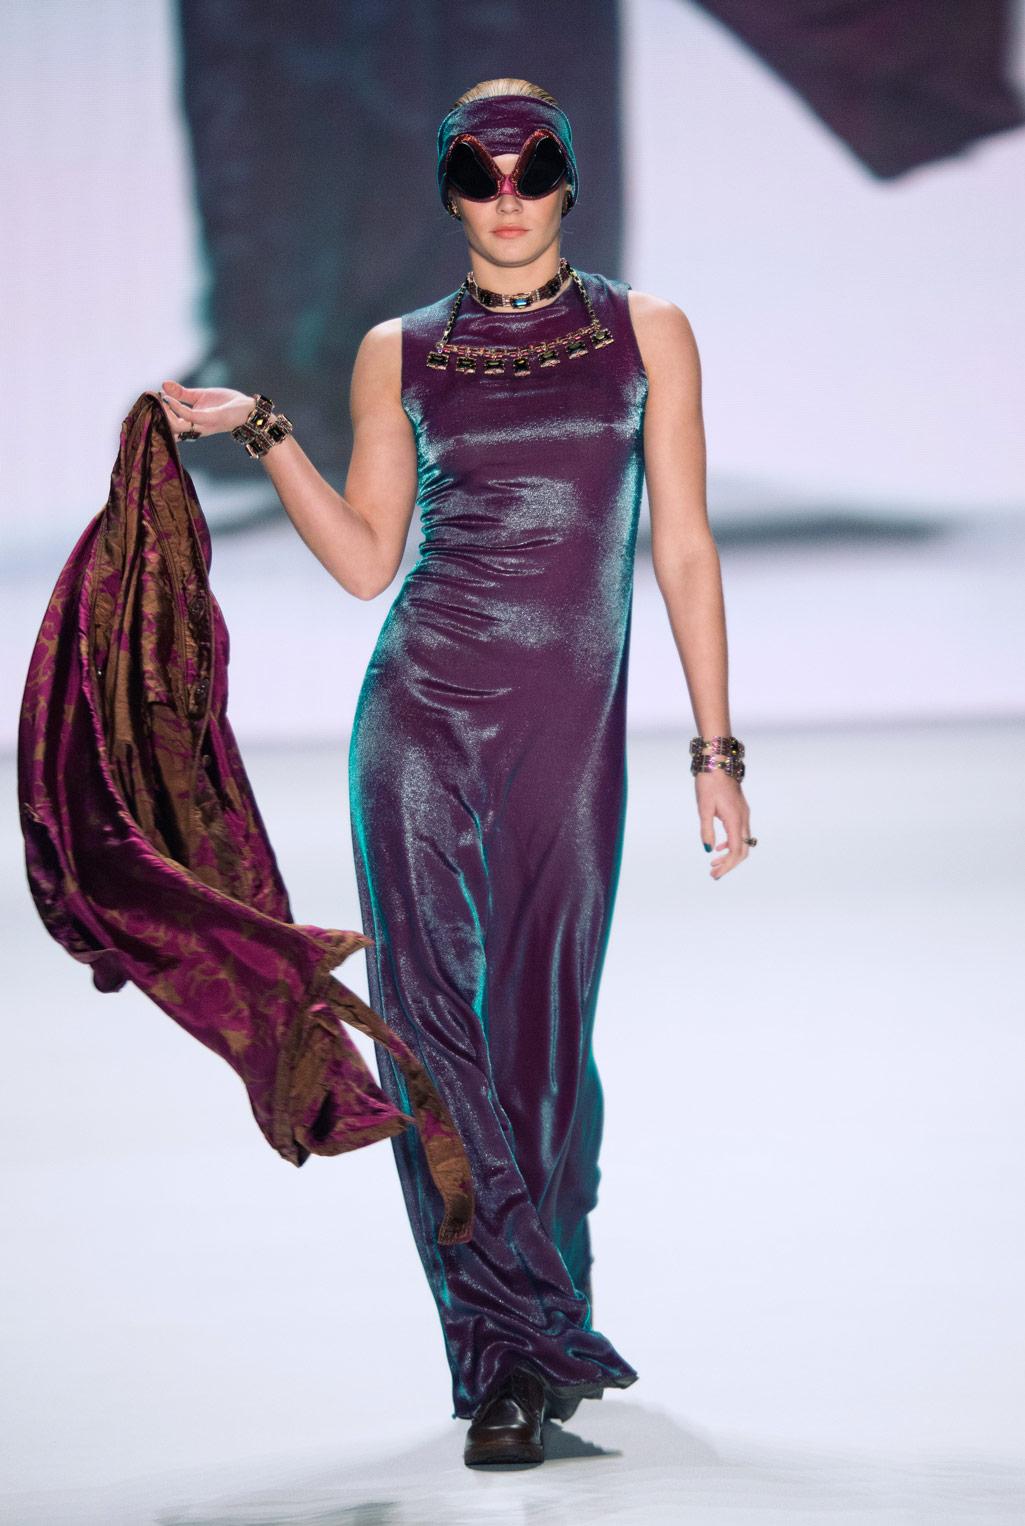 fashionweek-berlin-aw14-007